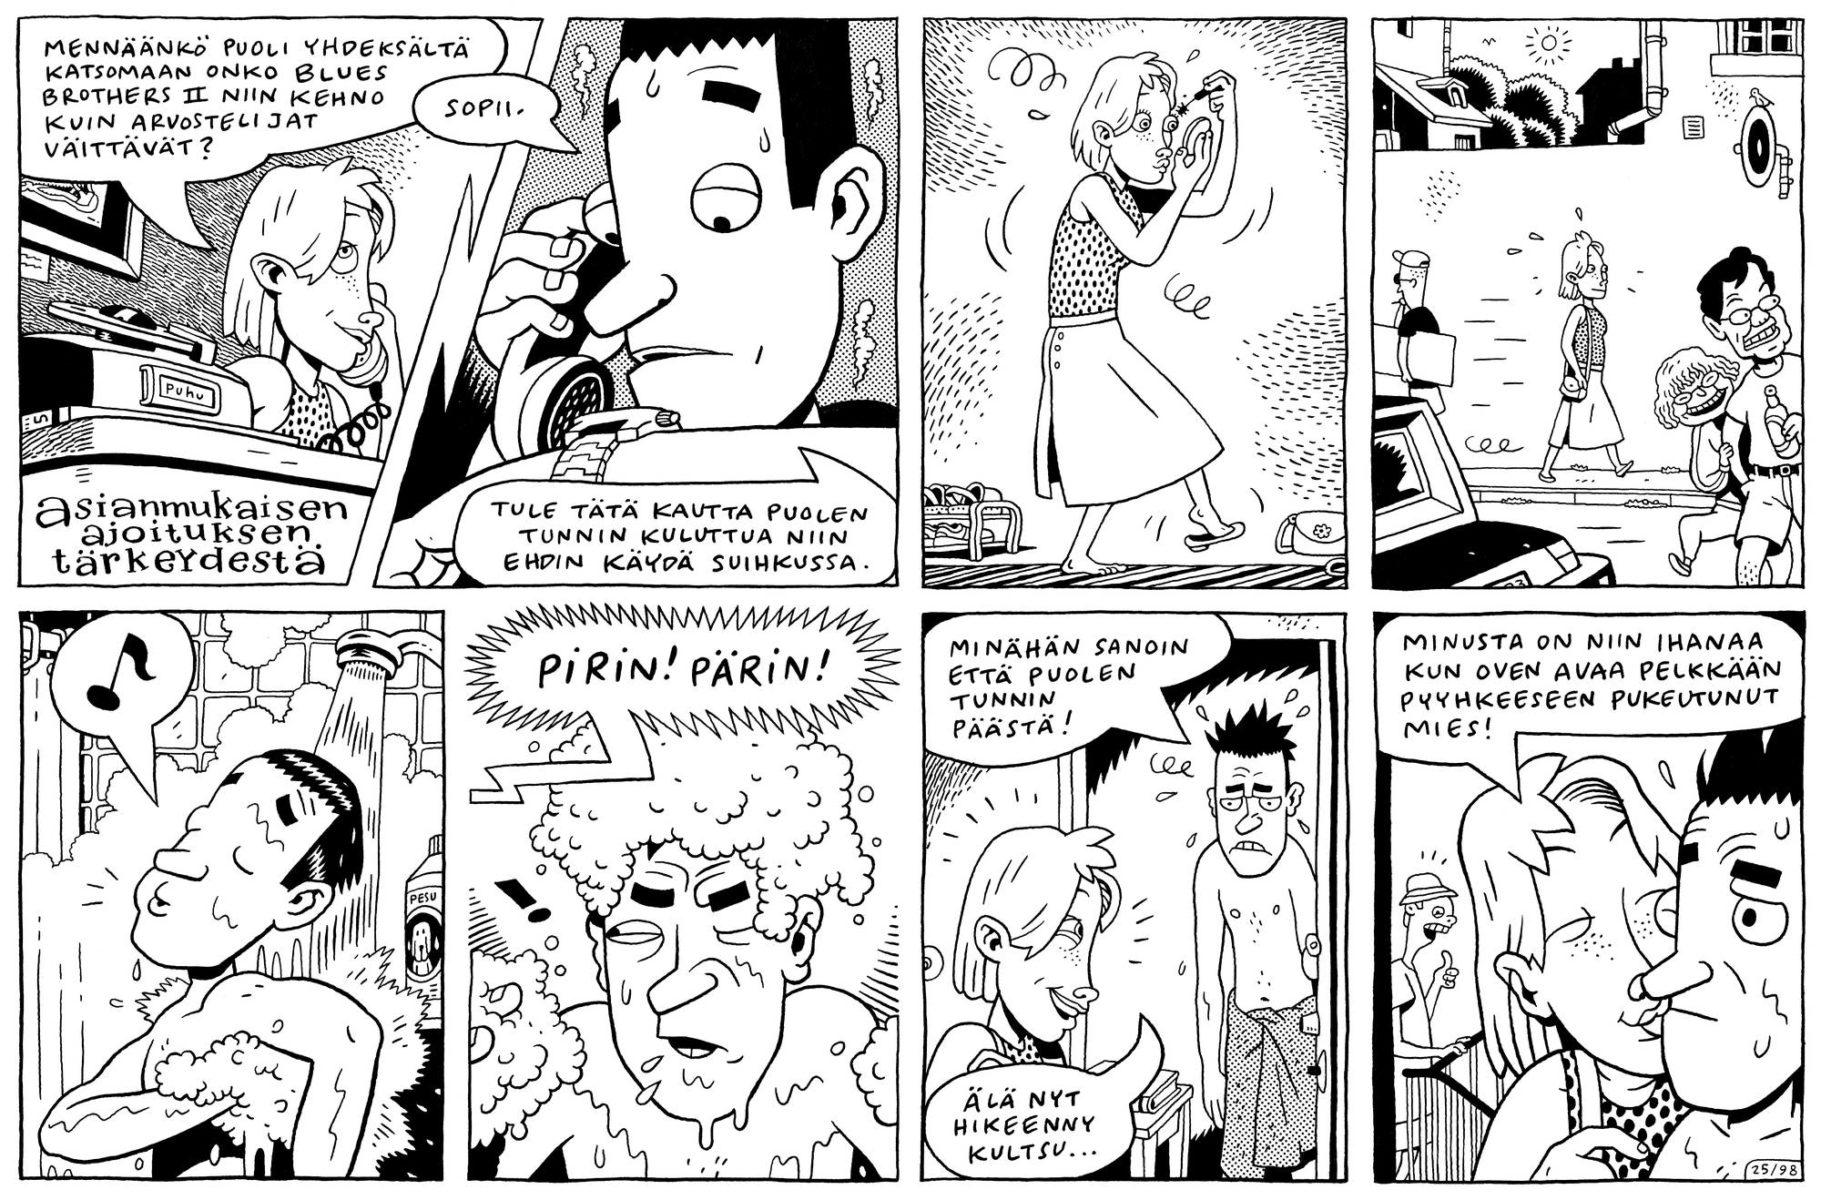 Sami Toivonen on yksi Kramppeja & nyrjähdyksiä -sarjan piirtäjistä.